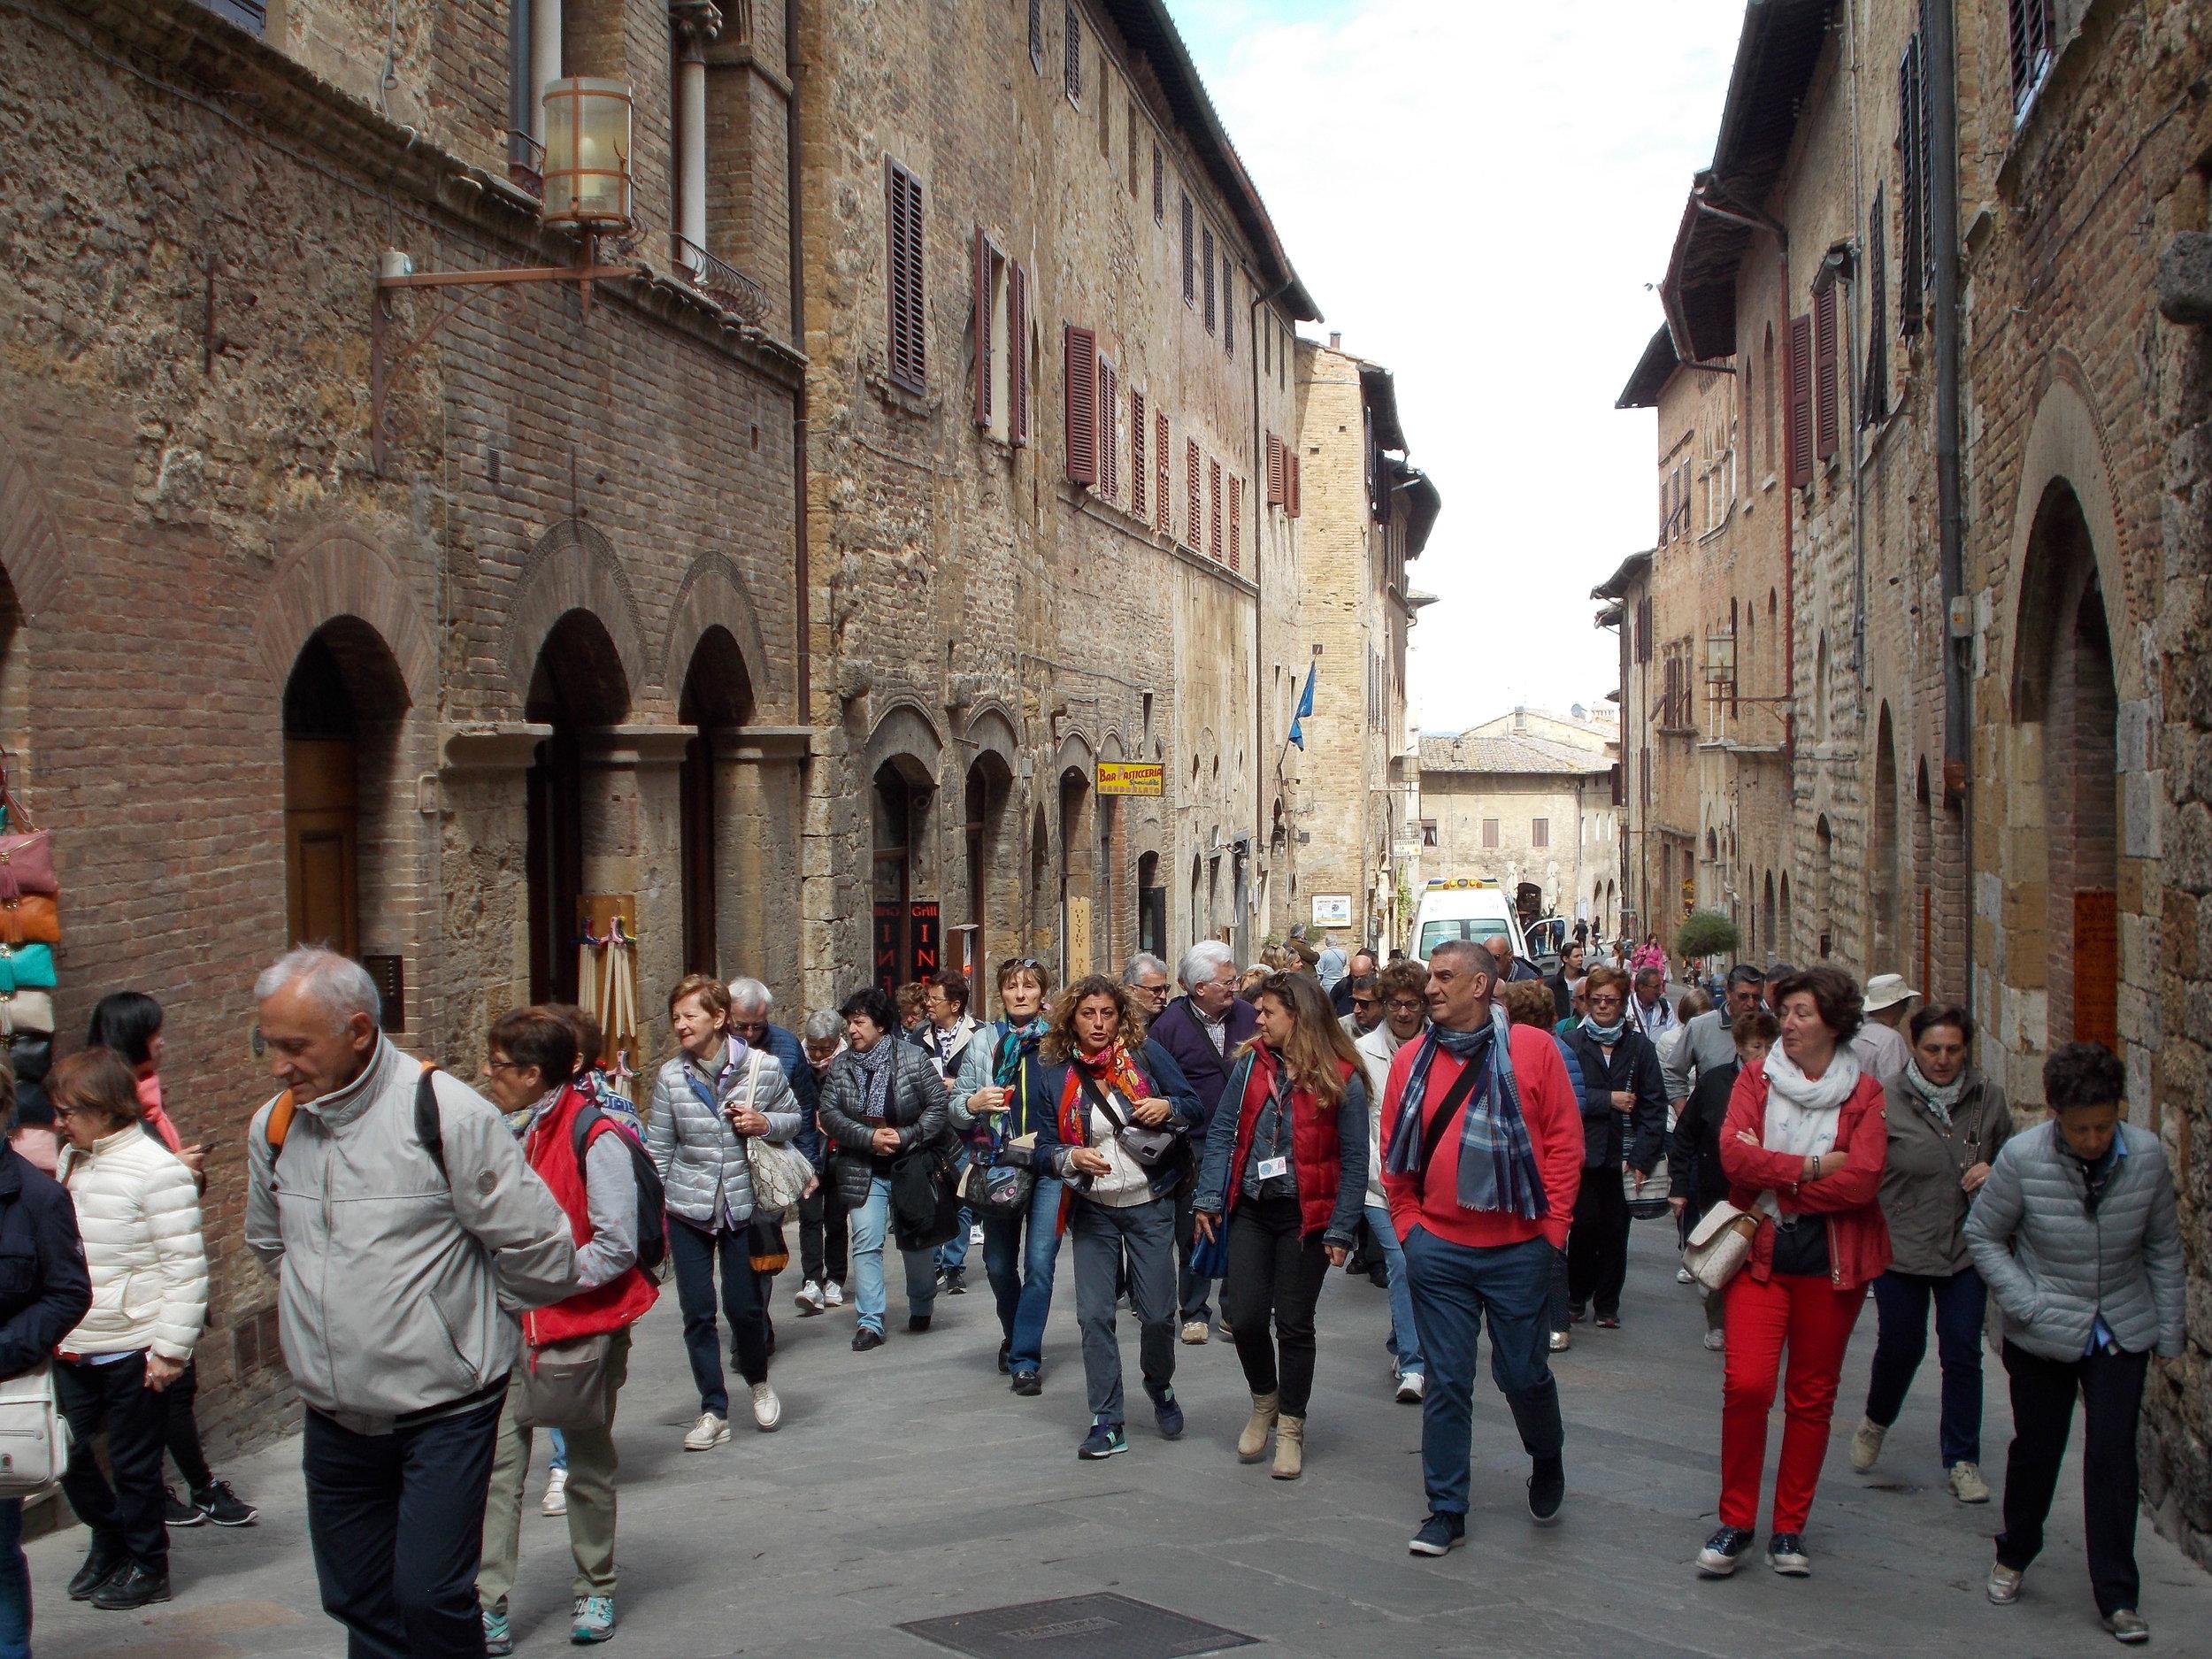 S.Gimignano